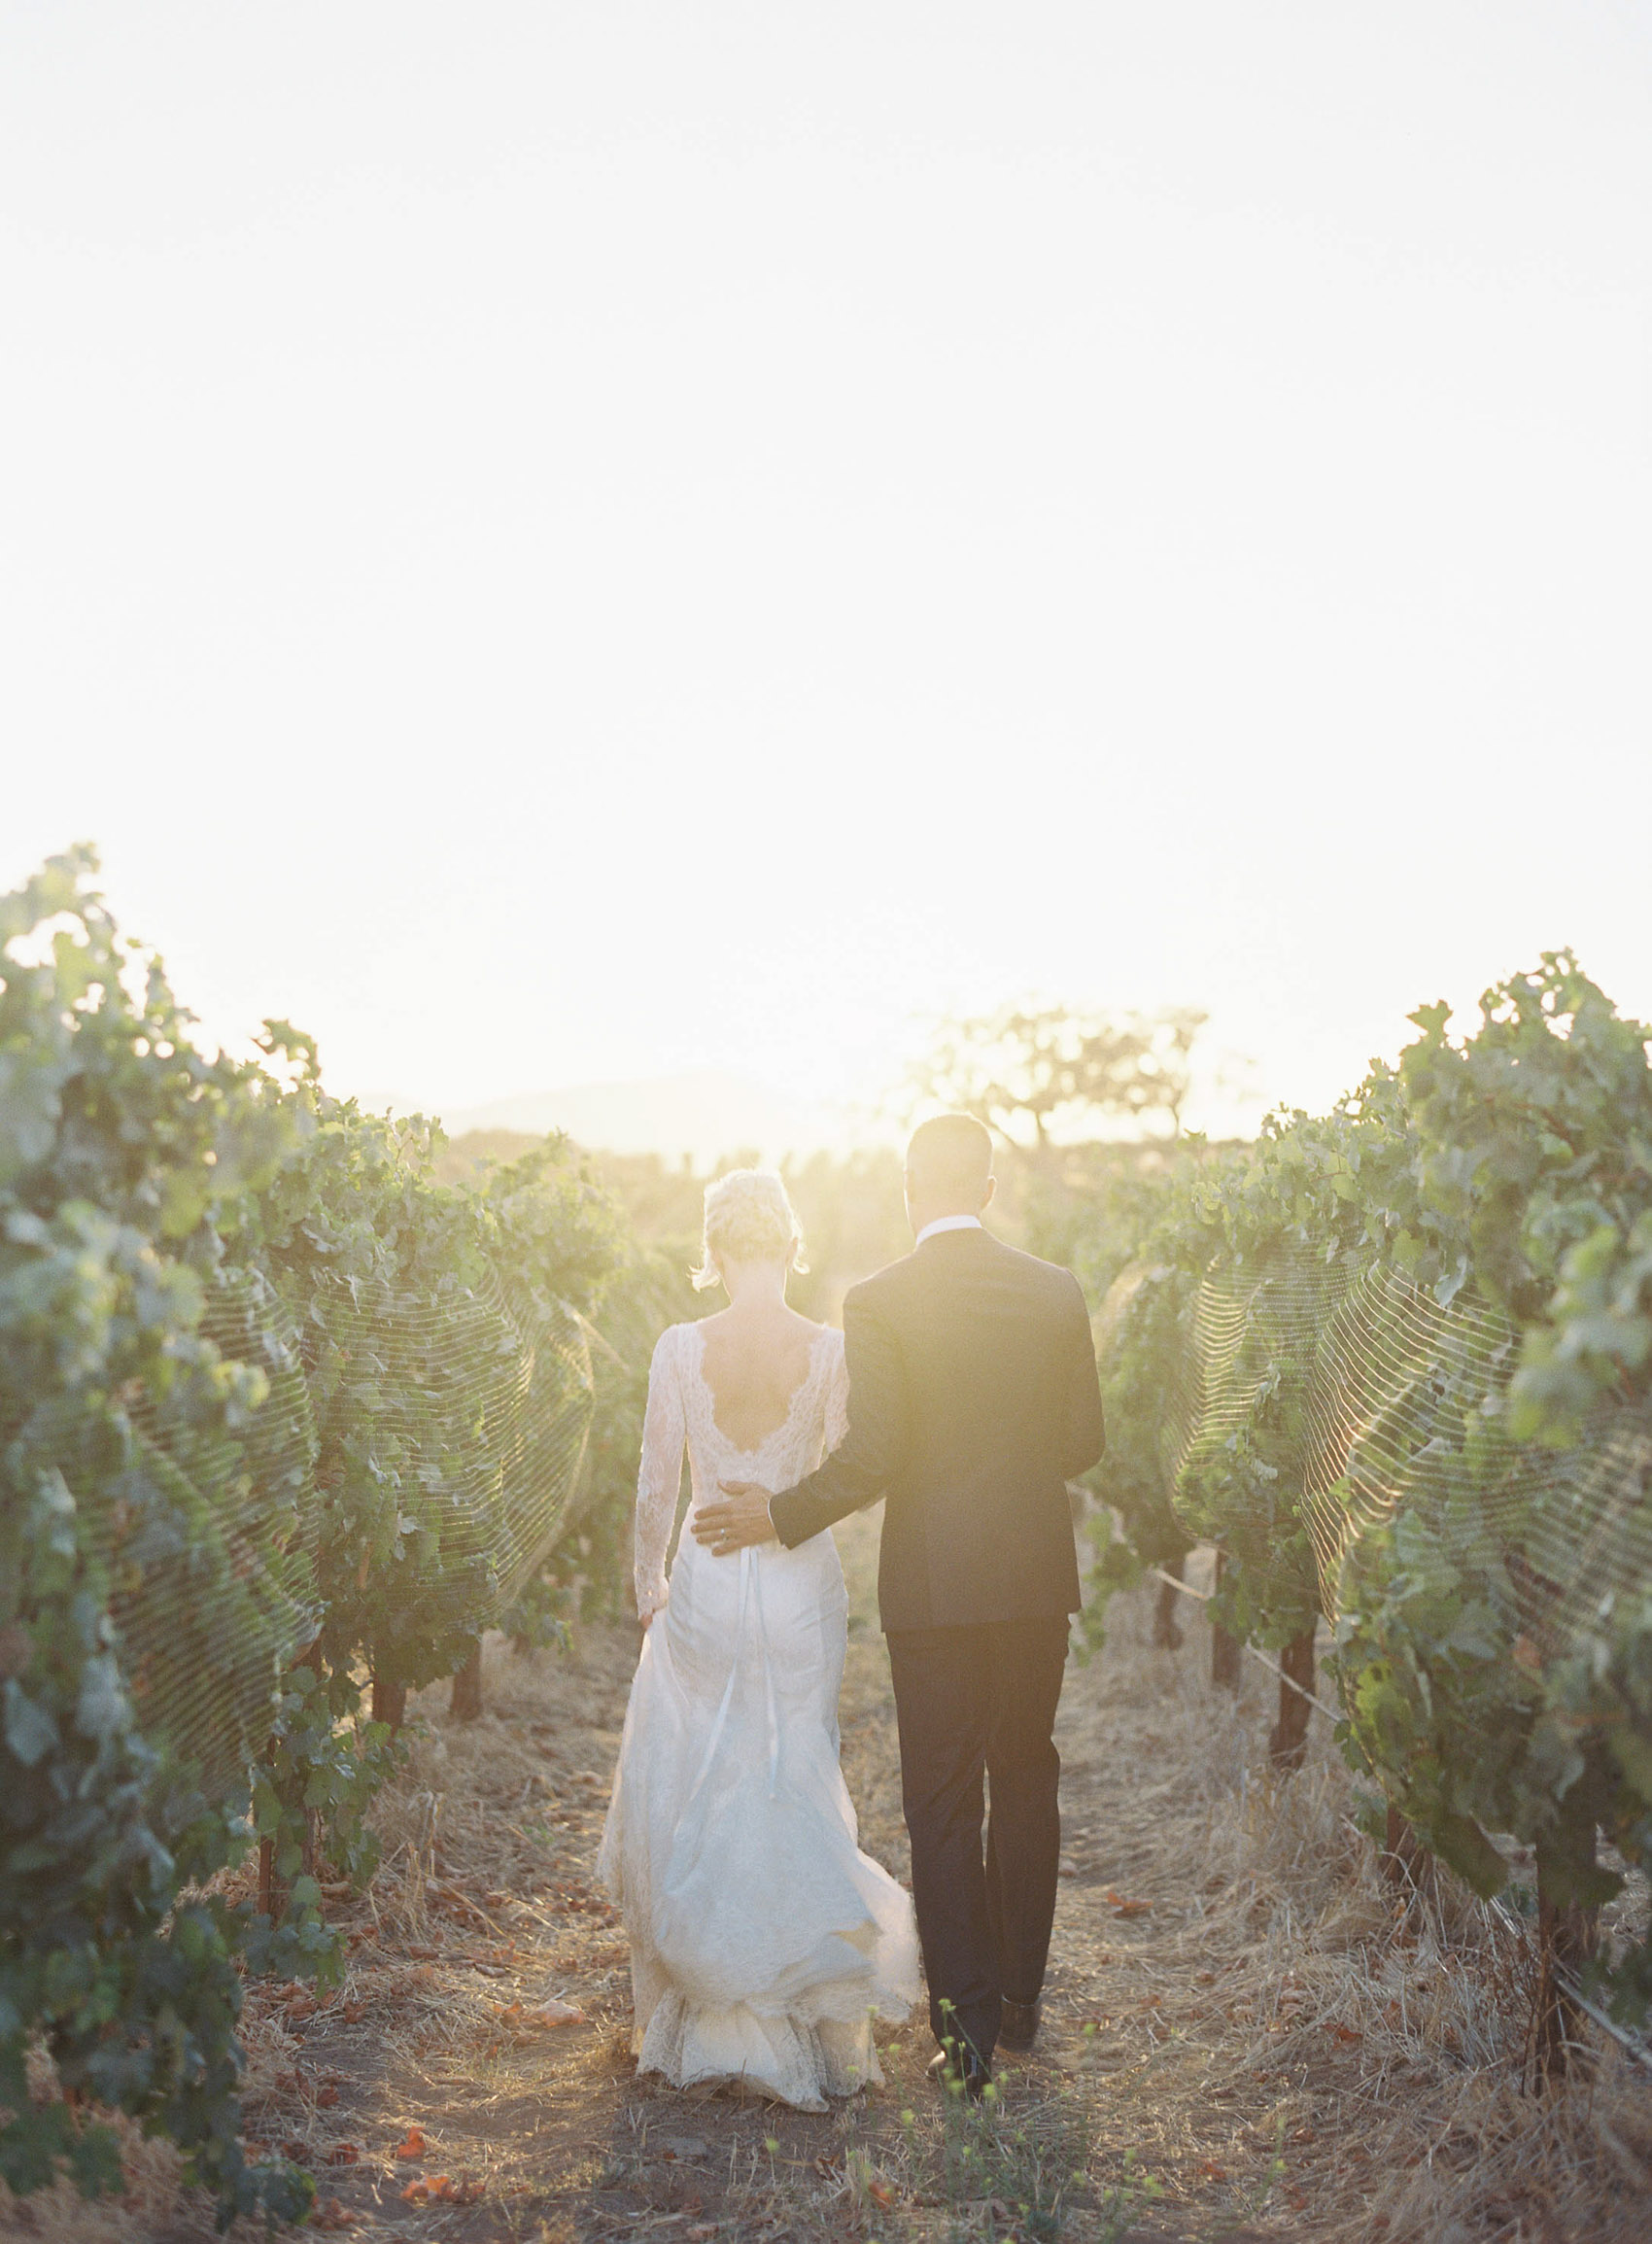 Sunstone_Villa_Wedding-75-Jen-Huang-JTEd-120-Jen_Huang-002823-R1-016.jpg